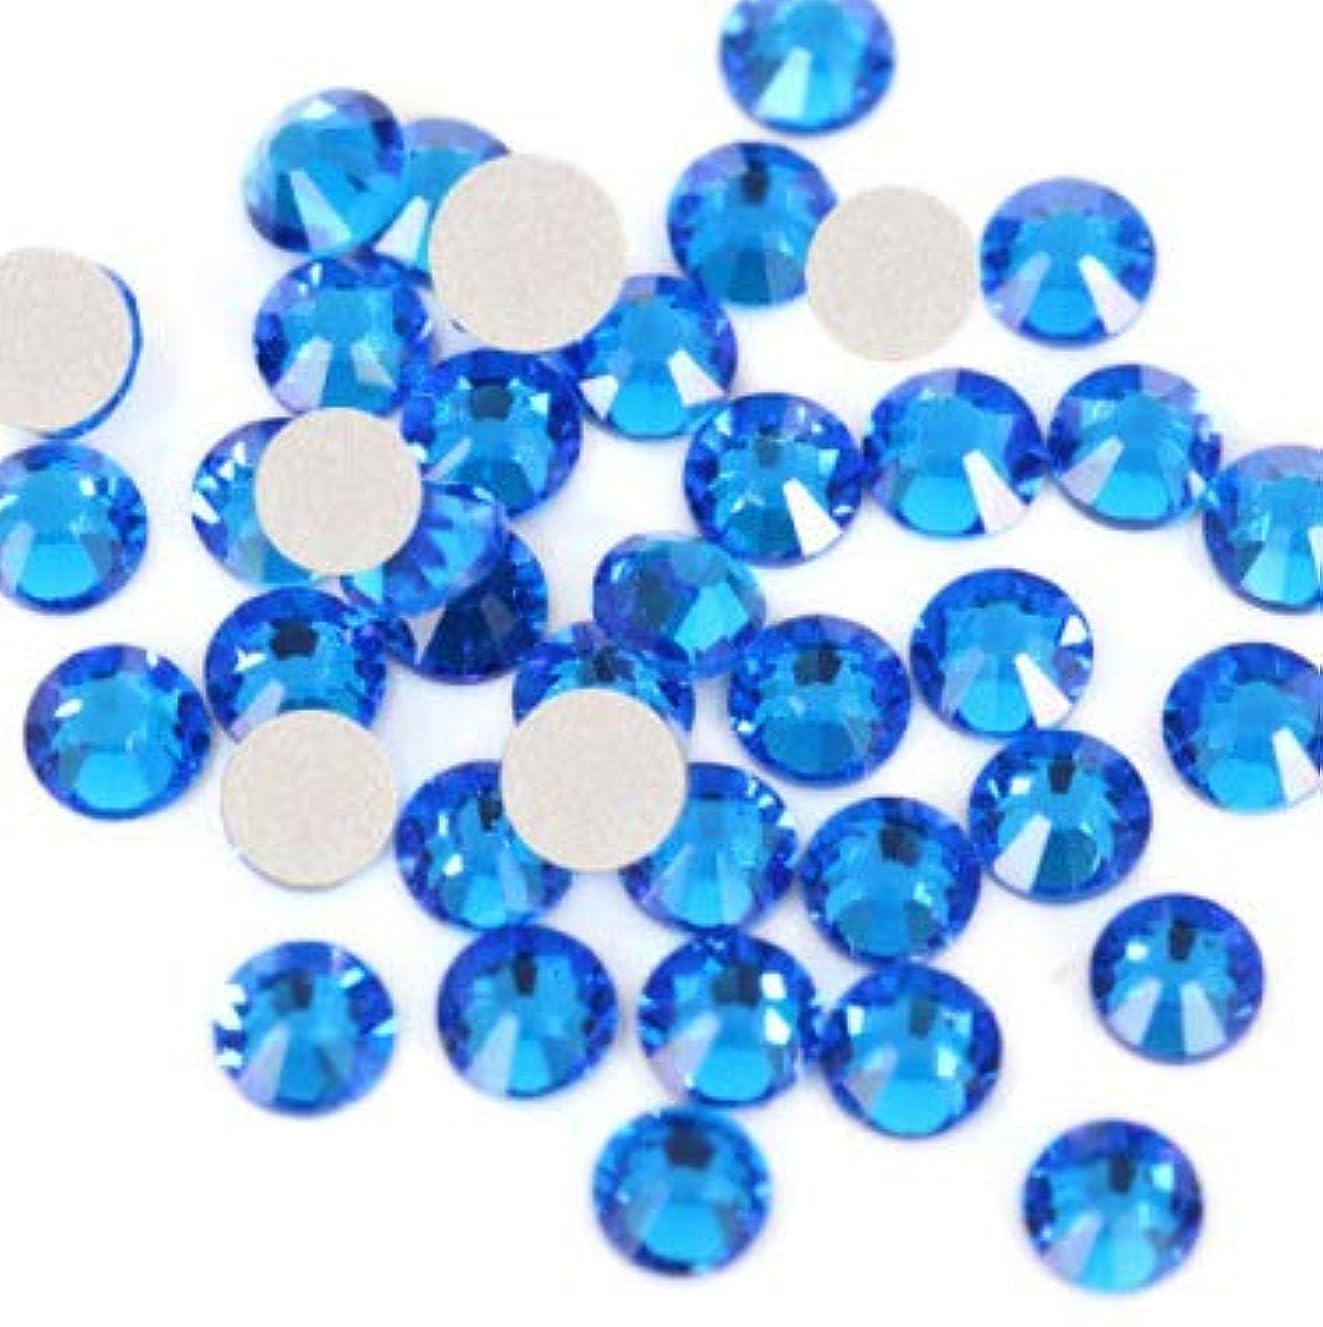 【ラインストーン77】高品質ガラス製ラインストーン 色/サイズ選択可 SS3~SS50 スワロフスキー同等 (カプリブルー, SS6:約1.9mm(約200粒))